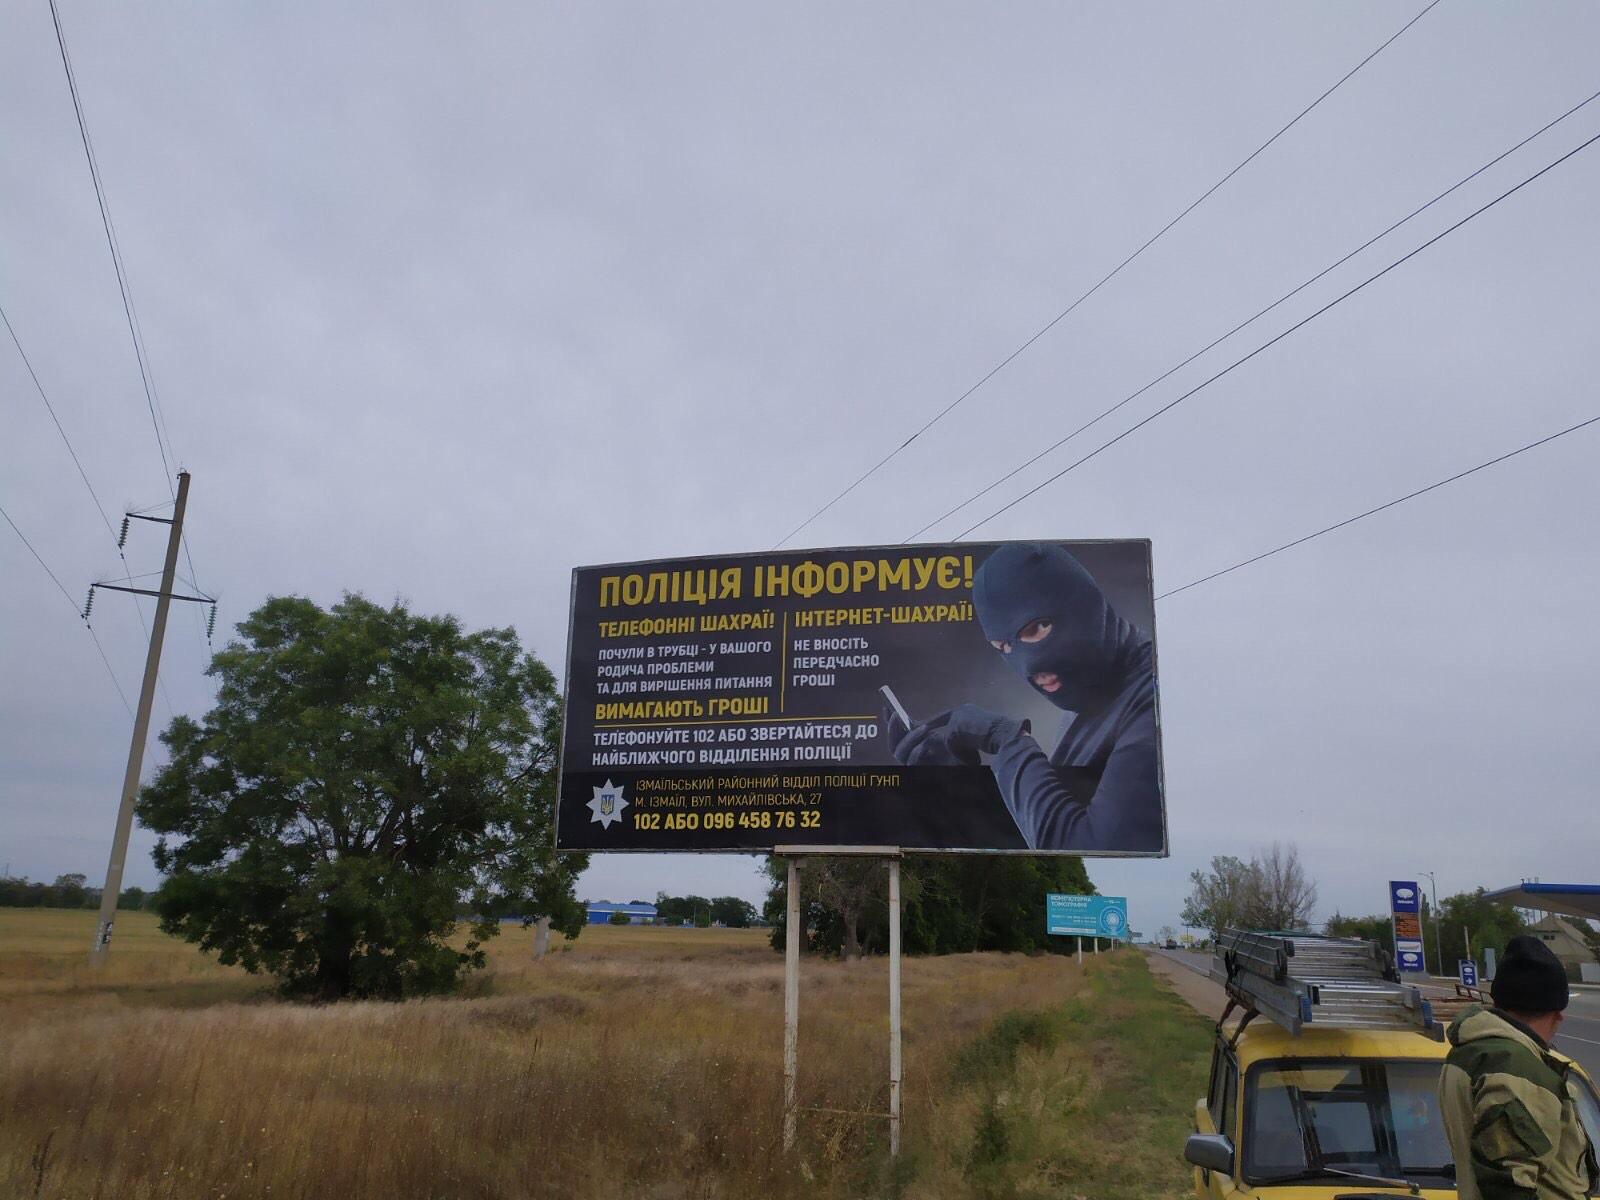 Мошенники и способы их наживы на простых людях: на въезде в Измаил установили предупреждающий билборд